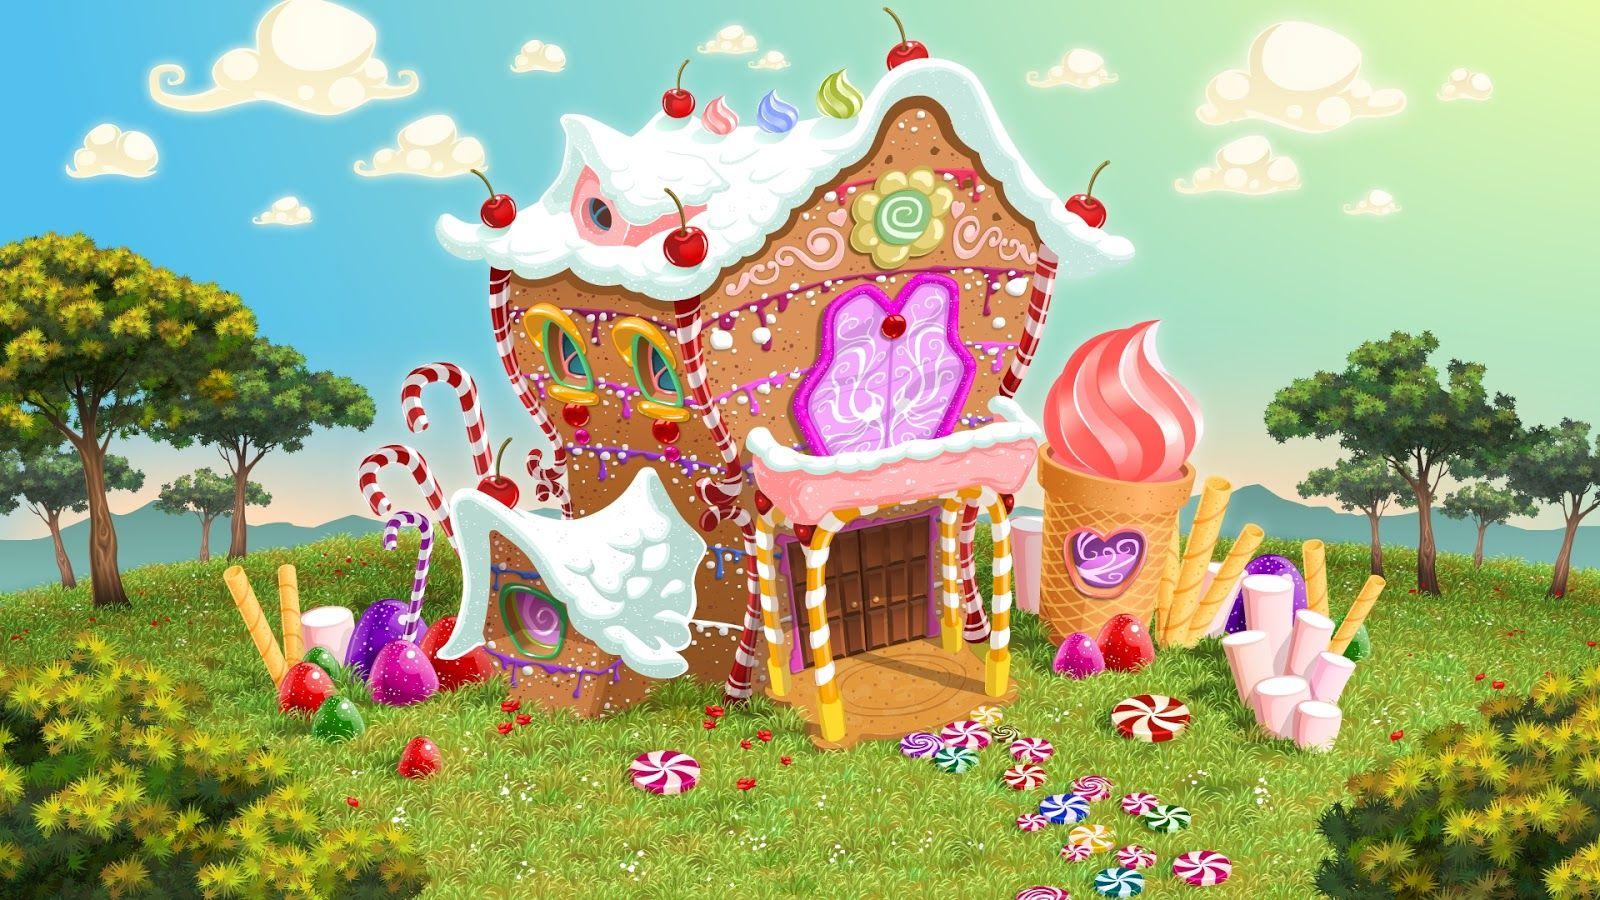 Tragaperras Hansel Y Gretel 11 Jpg 1 600 900 Pixels Candy House Bing Images Printable Art